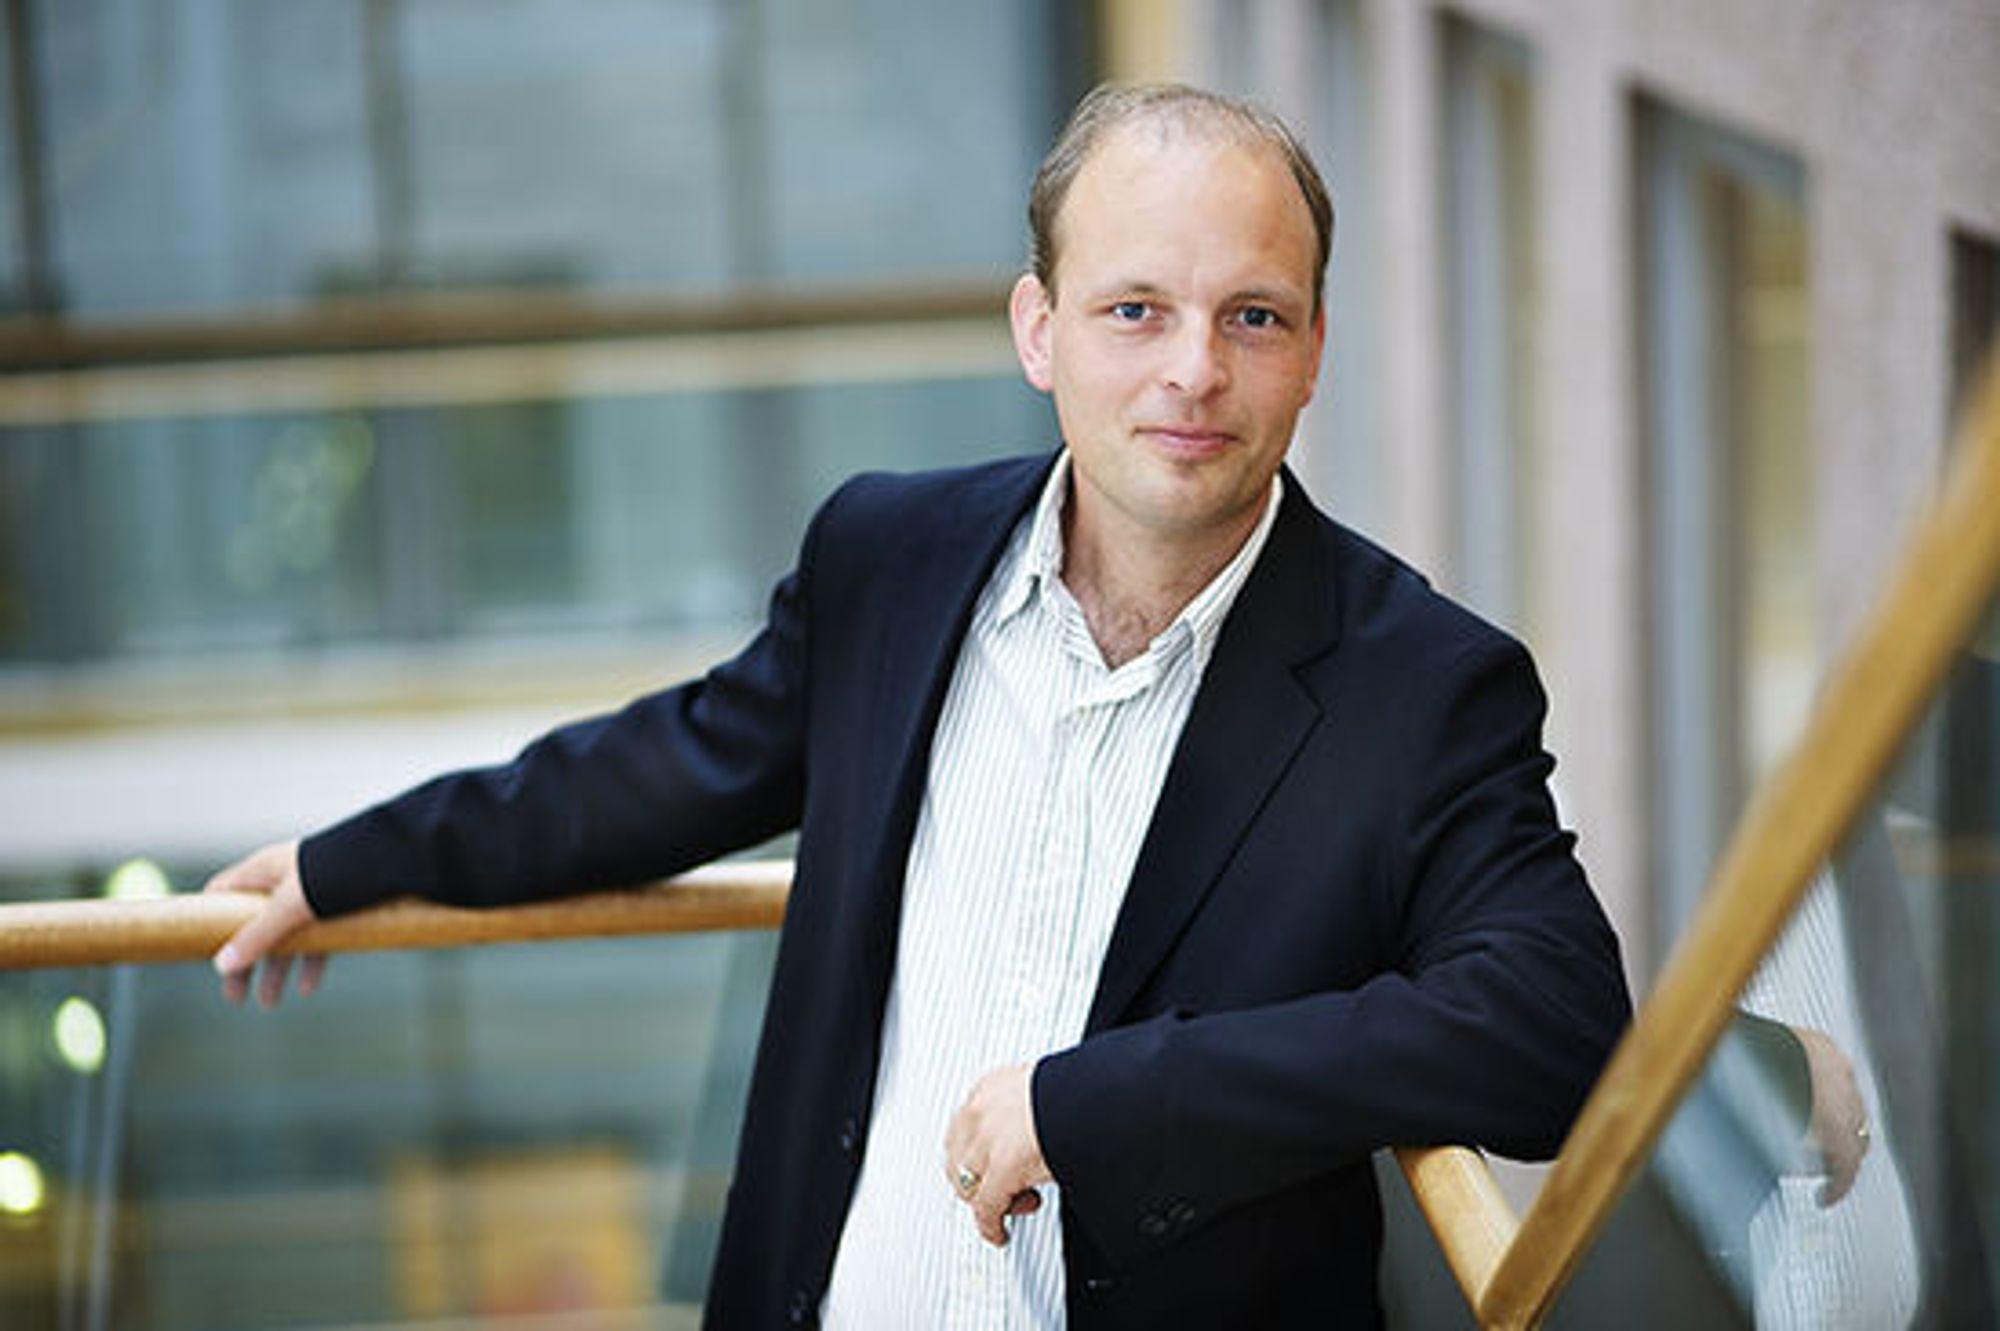 – Analytikere i dag bruker 80 prosent av tiden sin på å tilrettelegge data. Det er ikke hensiktsmessig, sier Henrik Slettene.